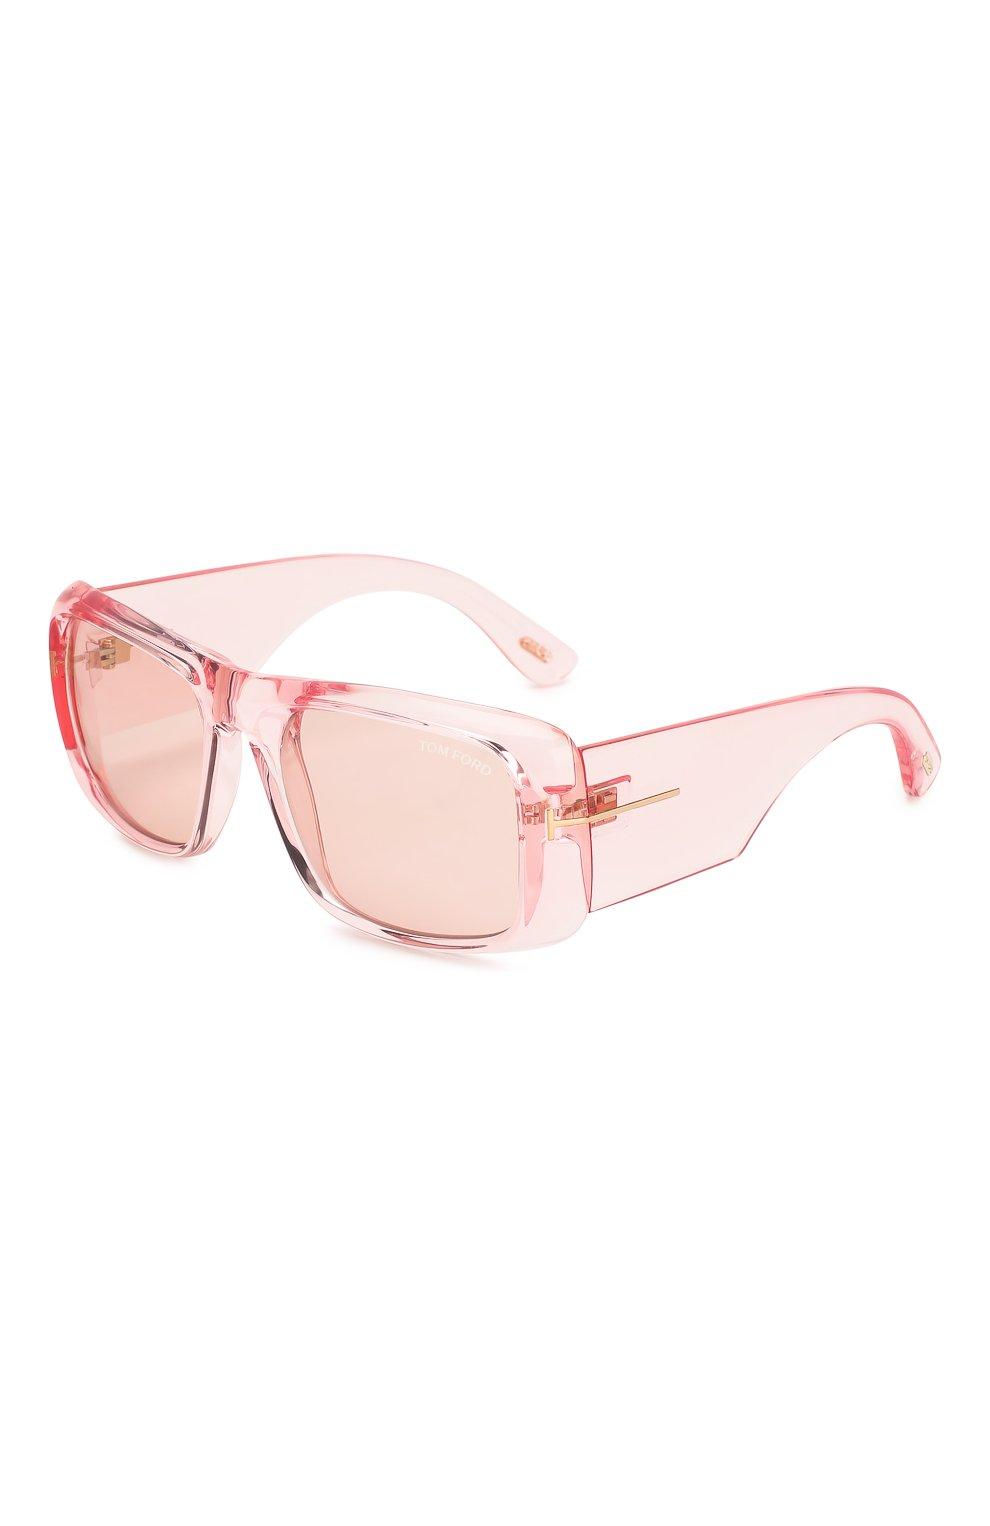 Женские солнцезащитные очки TOM FORD светло-розового цвета, арт. TF731 72Y | Фото 1